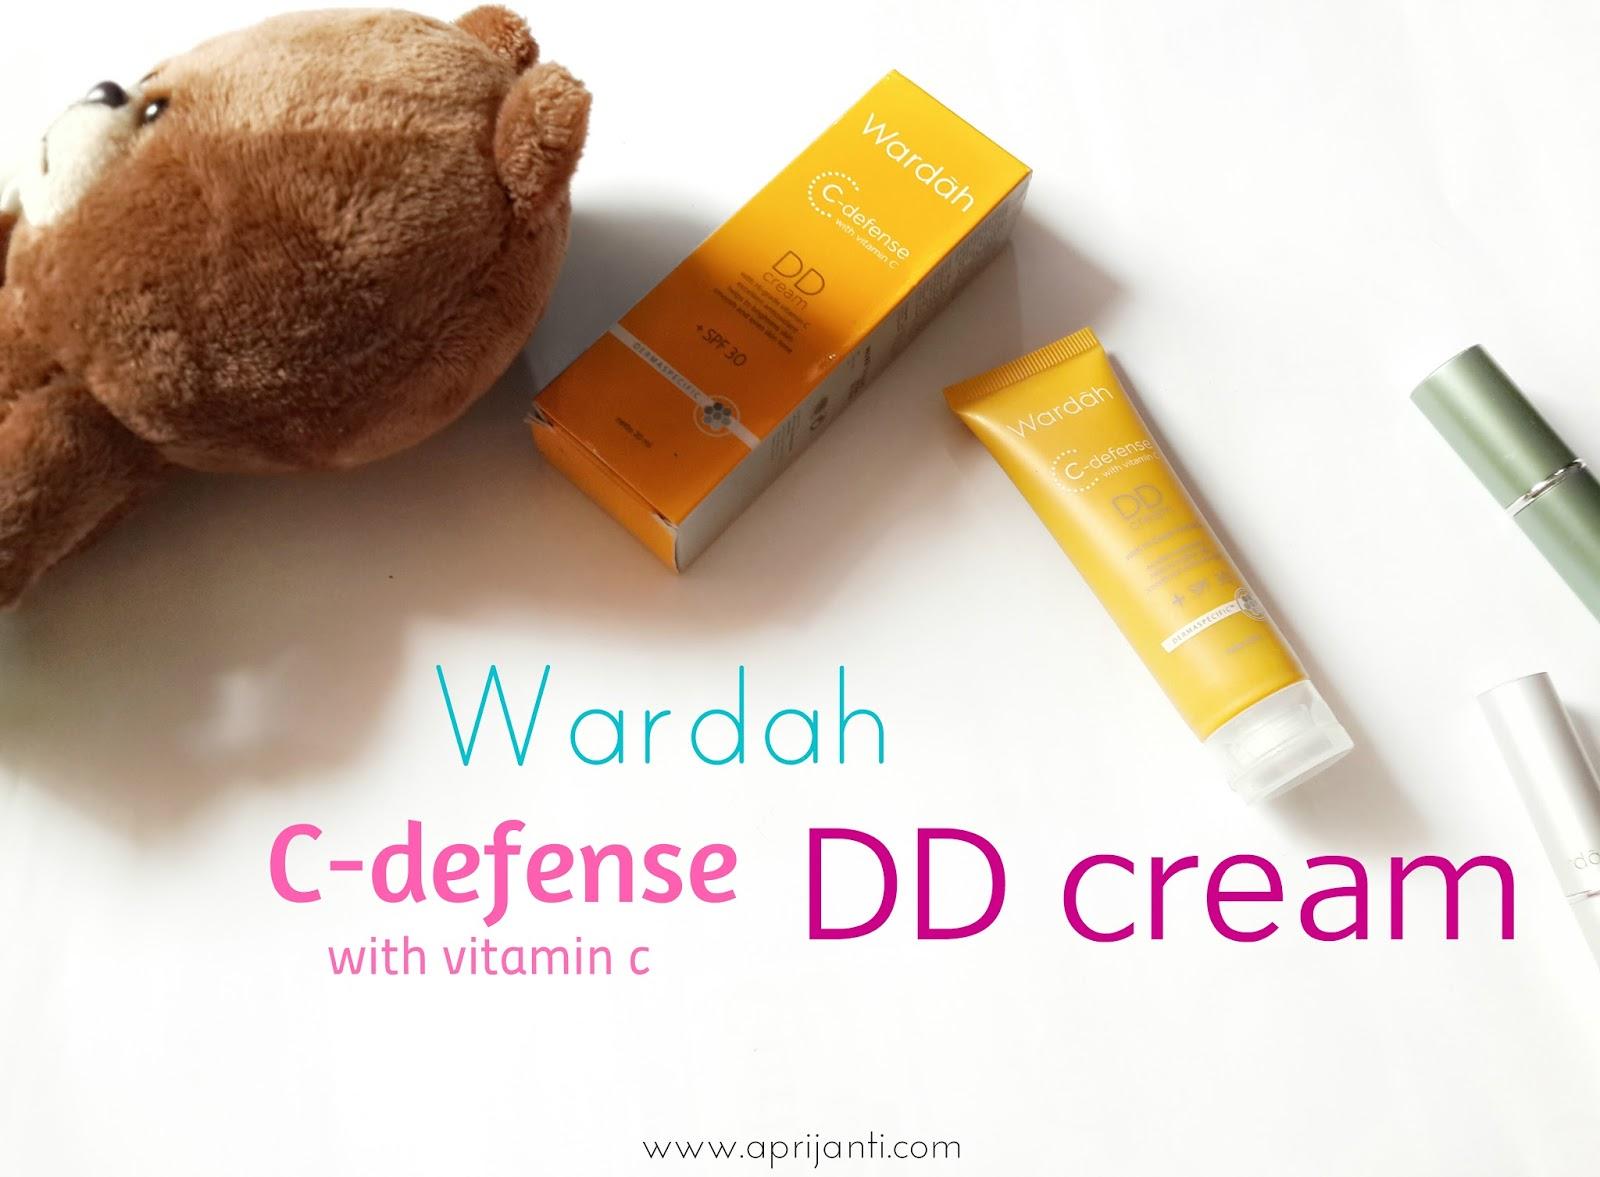 Review Wardah C Defence Dd Cream 02 Natural Aprijanti Serum